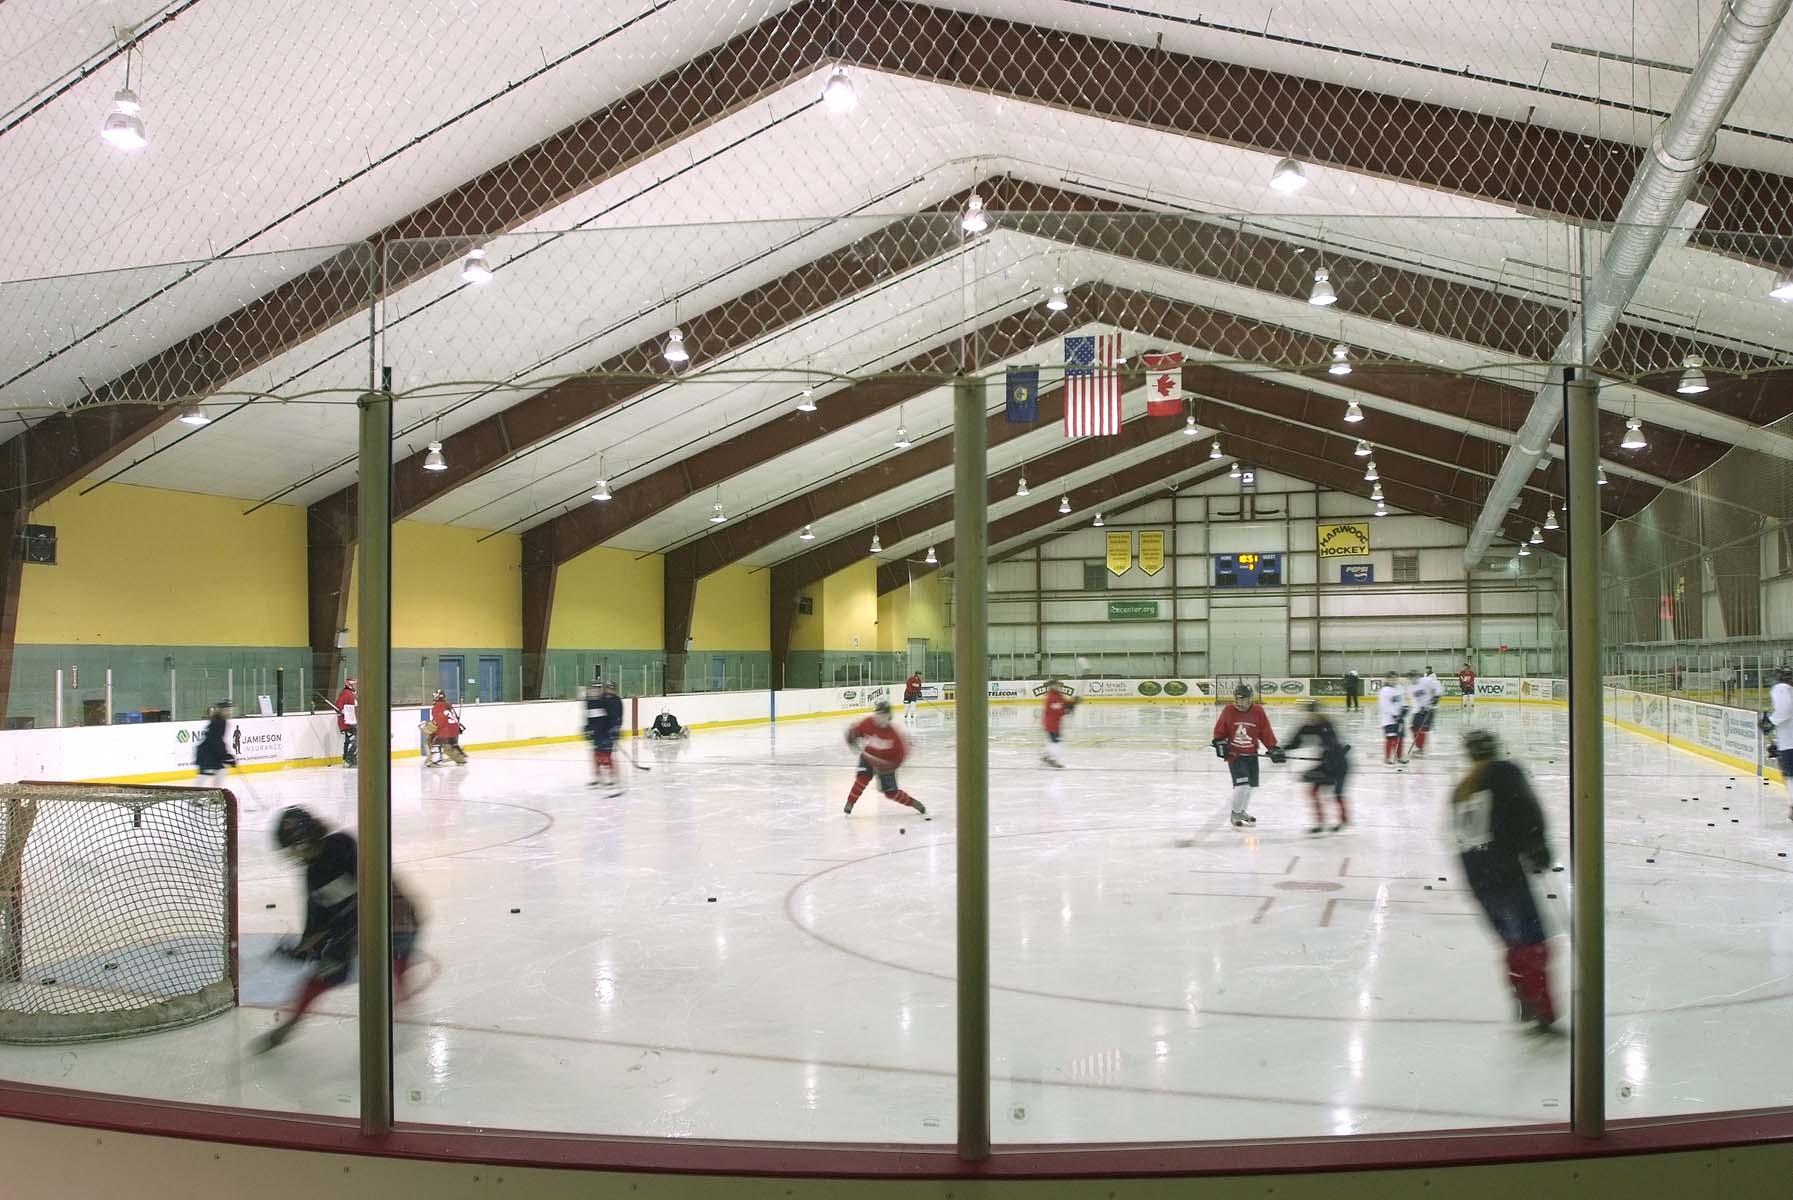 The Ice Center of Washington West